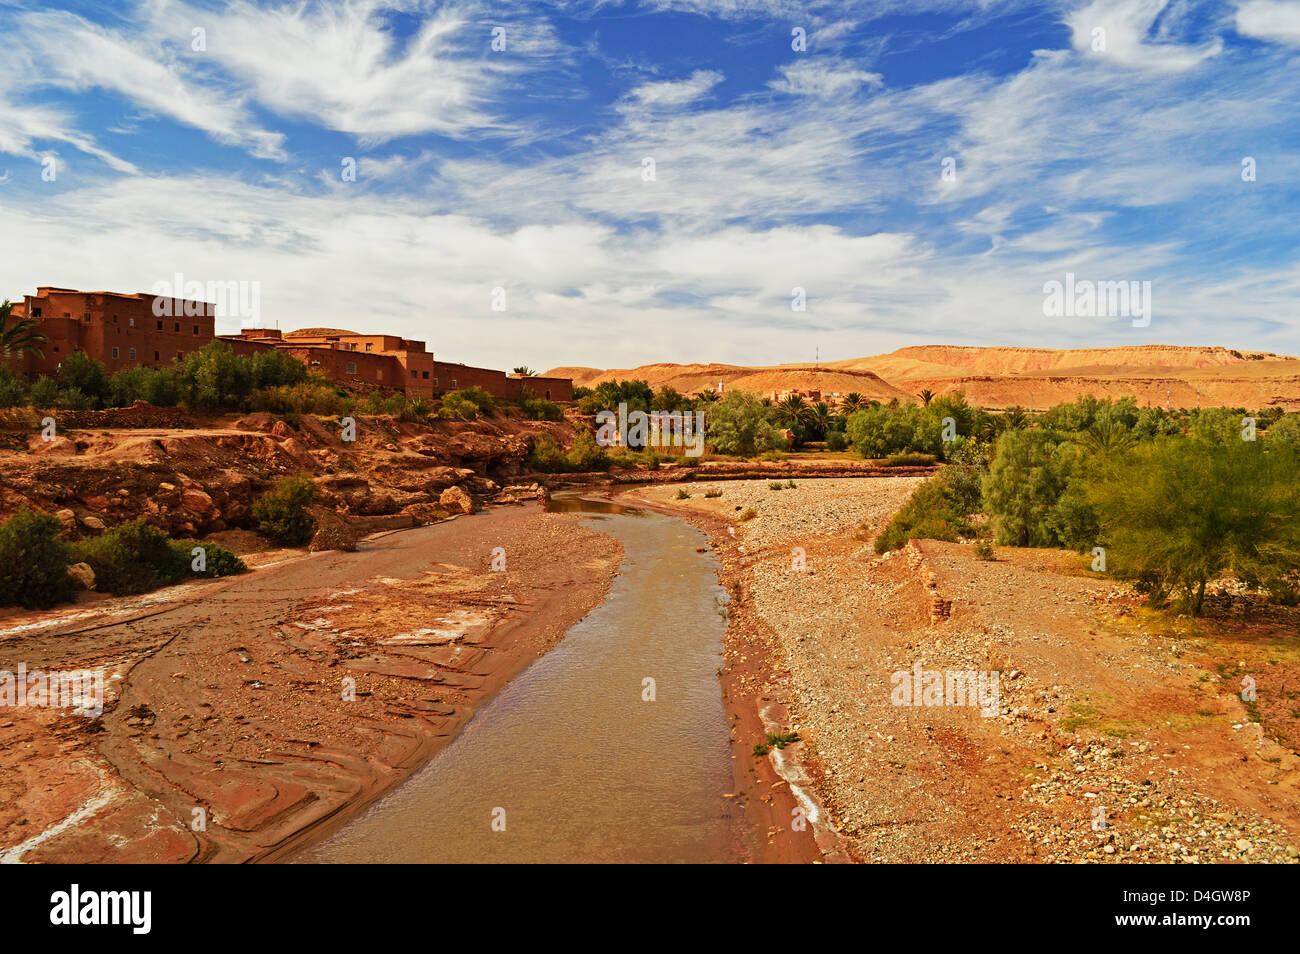 Río, Ait-Benhaddou, Marruecos, Norte de África Imagen De Stock